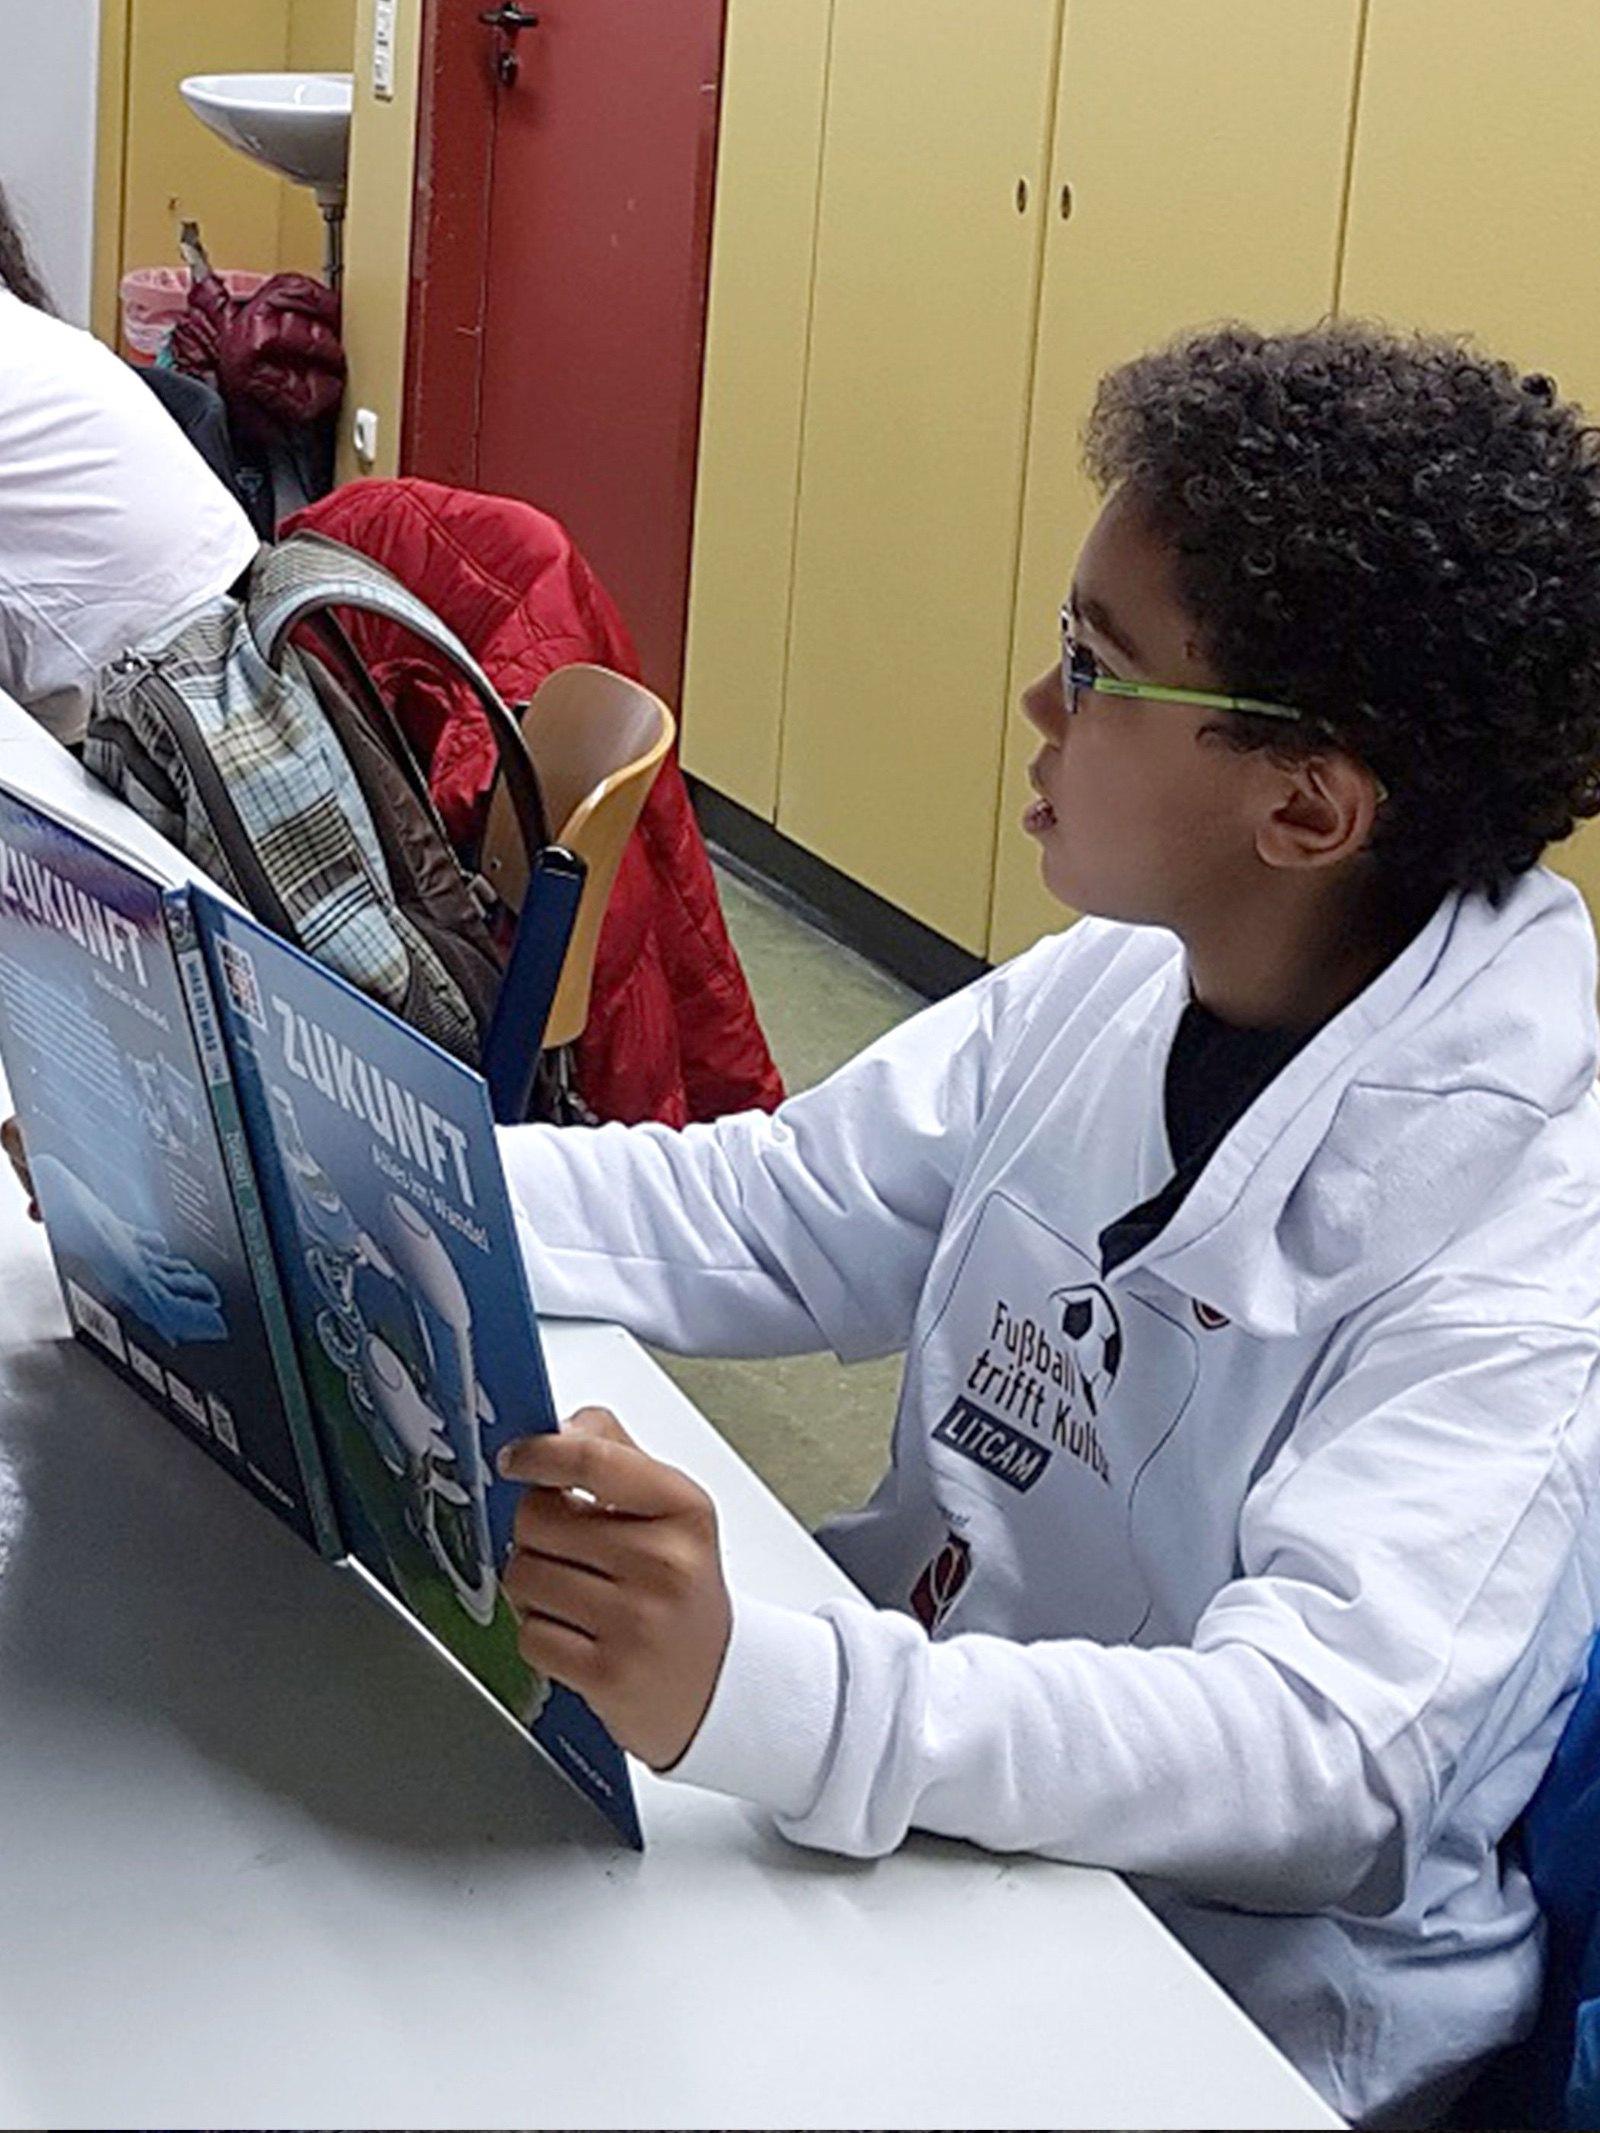 Fußball trifft Kultur: Freistoß für neues Lernen